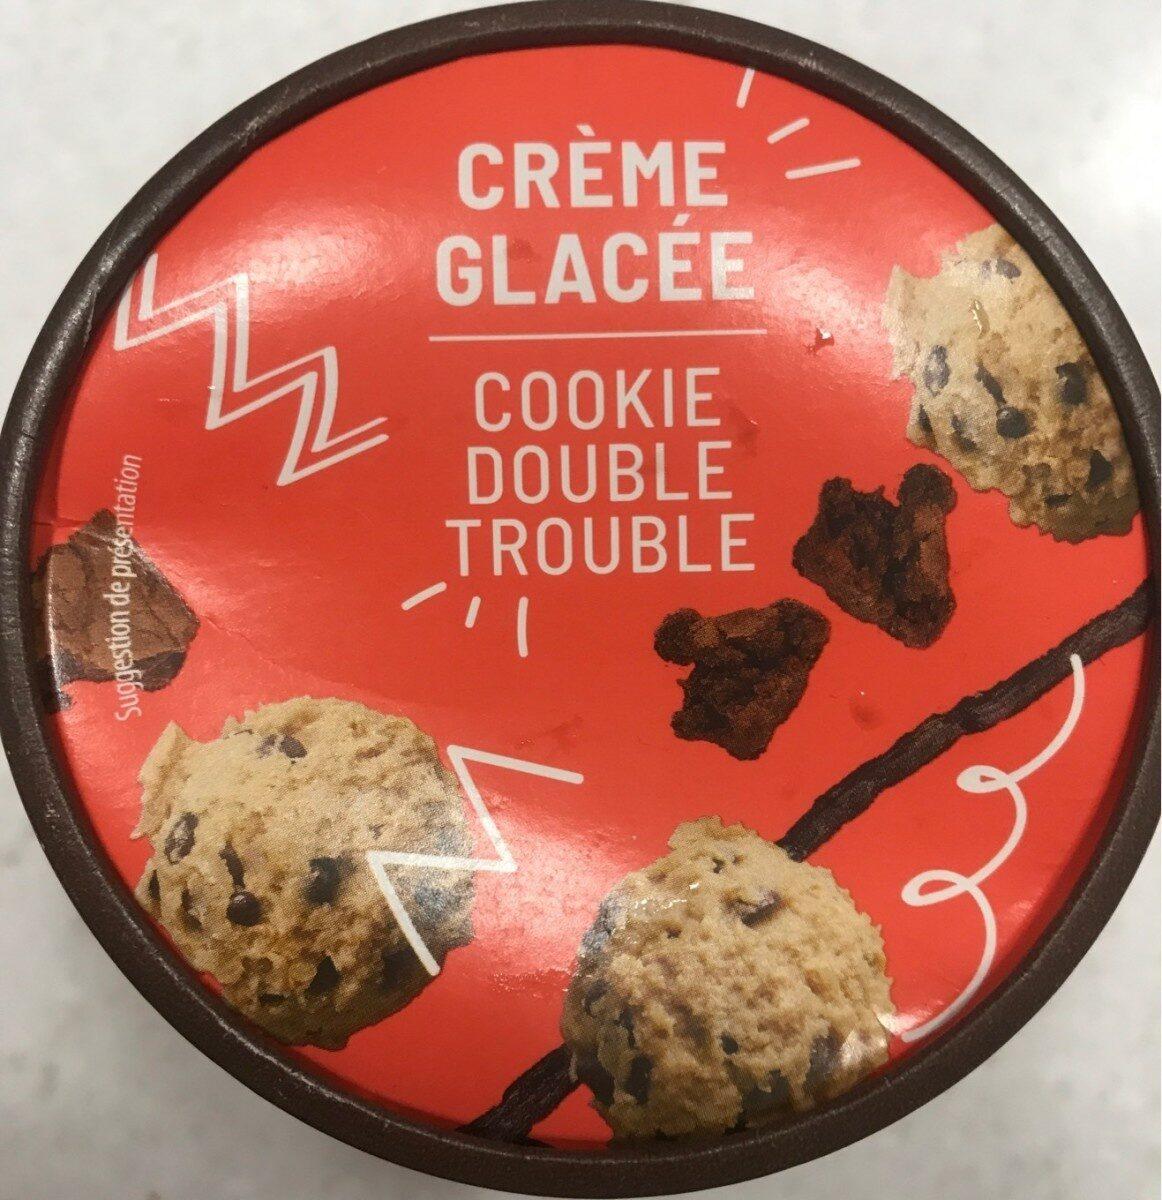 Crème glacée cookie double trouble - Produit